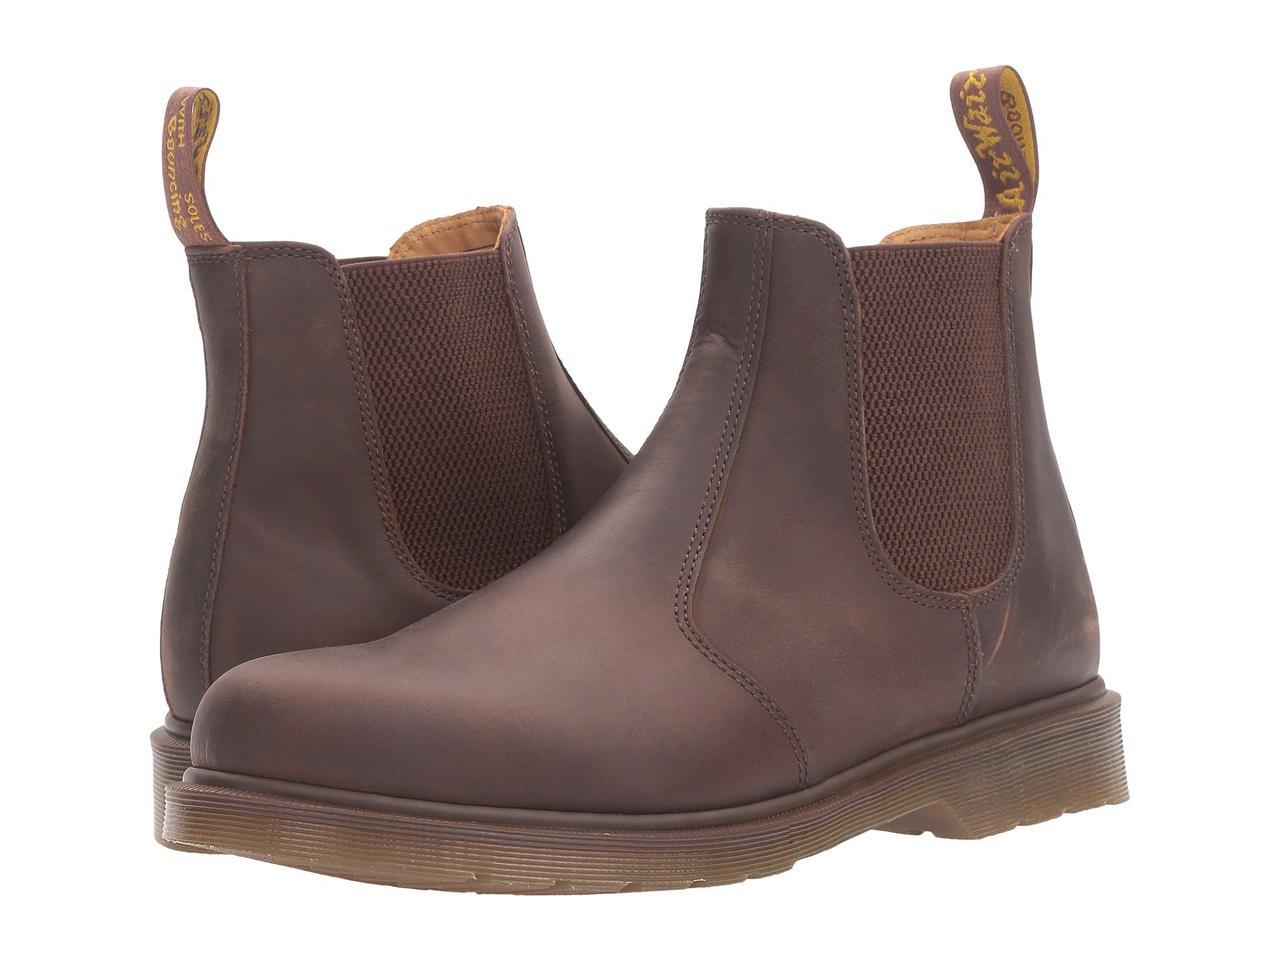 Ботинки/Сапоги (Оригинал) Dr. Martens 2976 Chelsea Boot Gaucho Crazy Horse